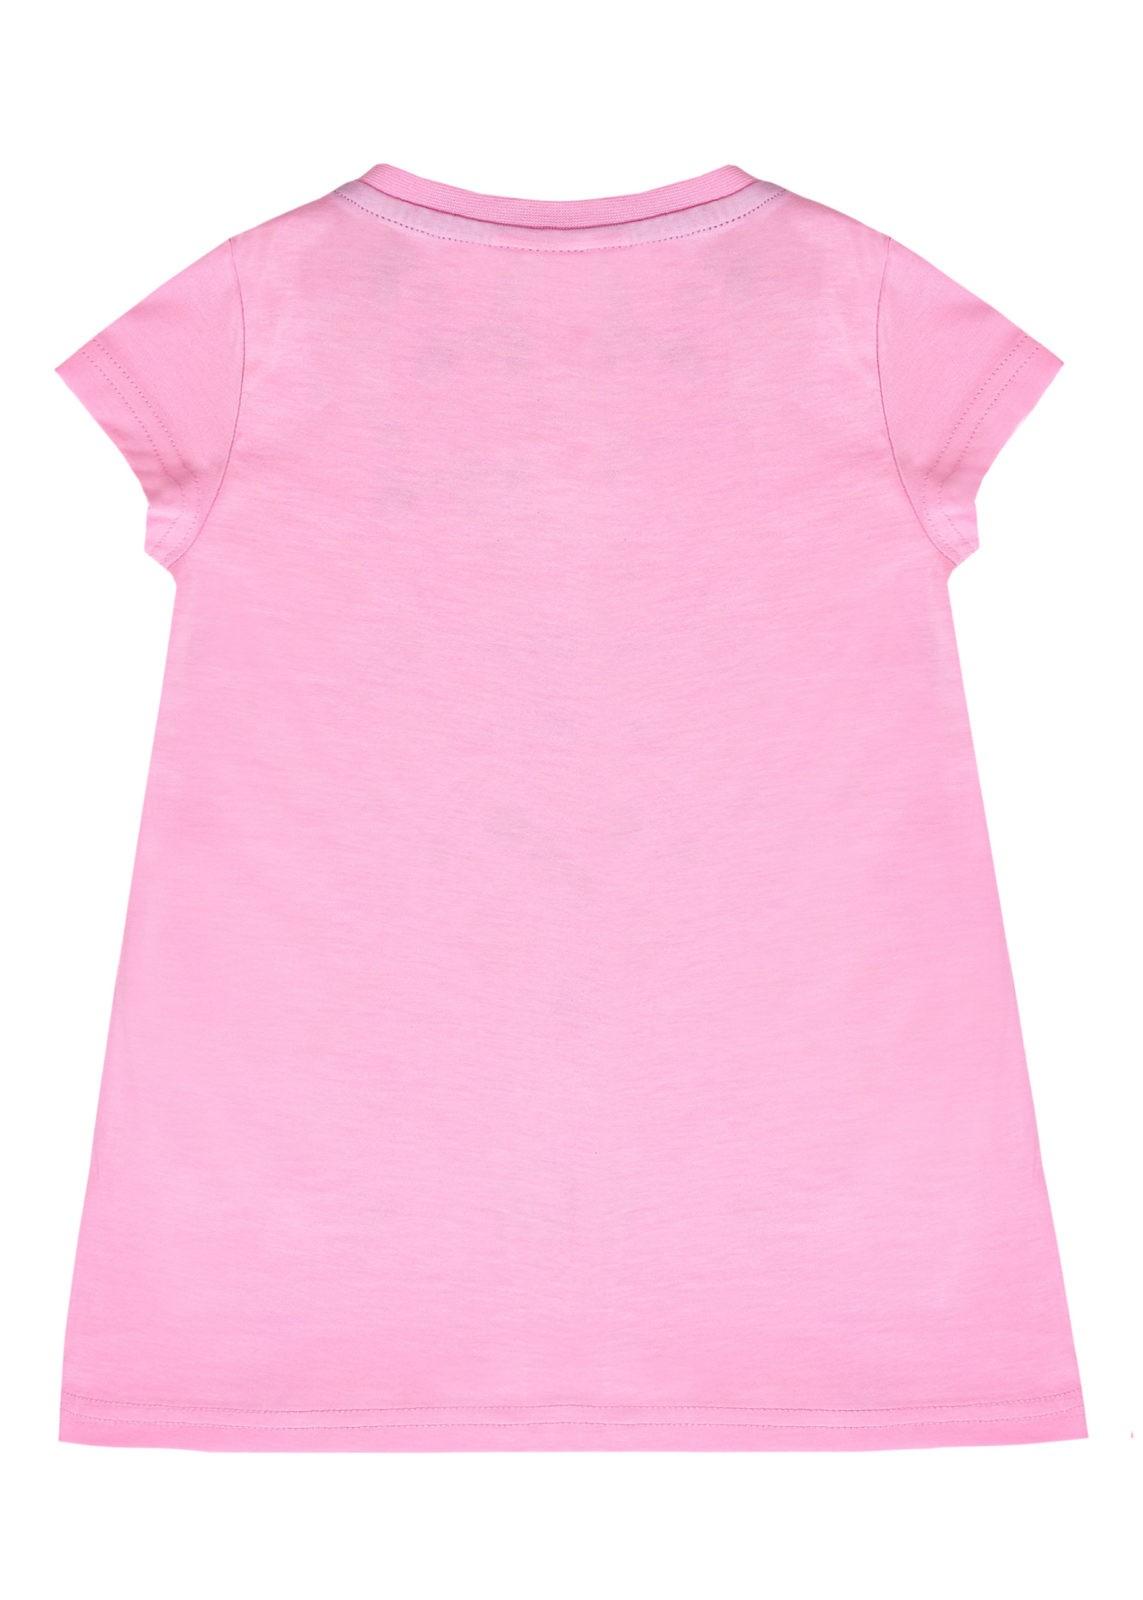 Dívčí tričko Meow Love Růžová